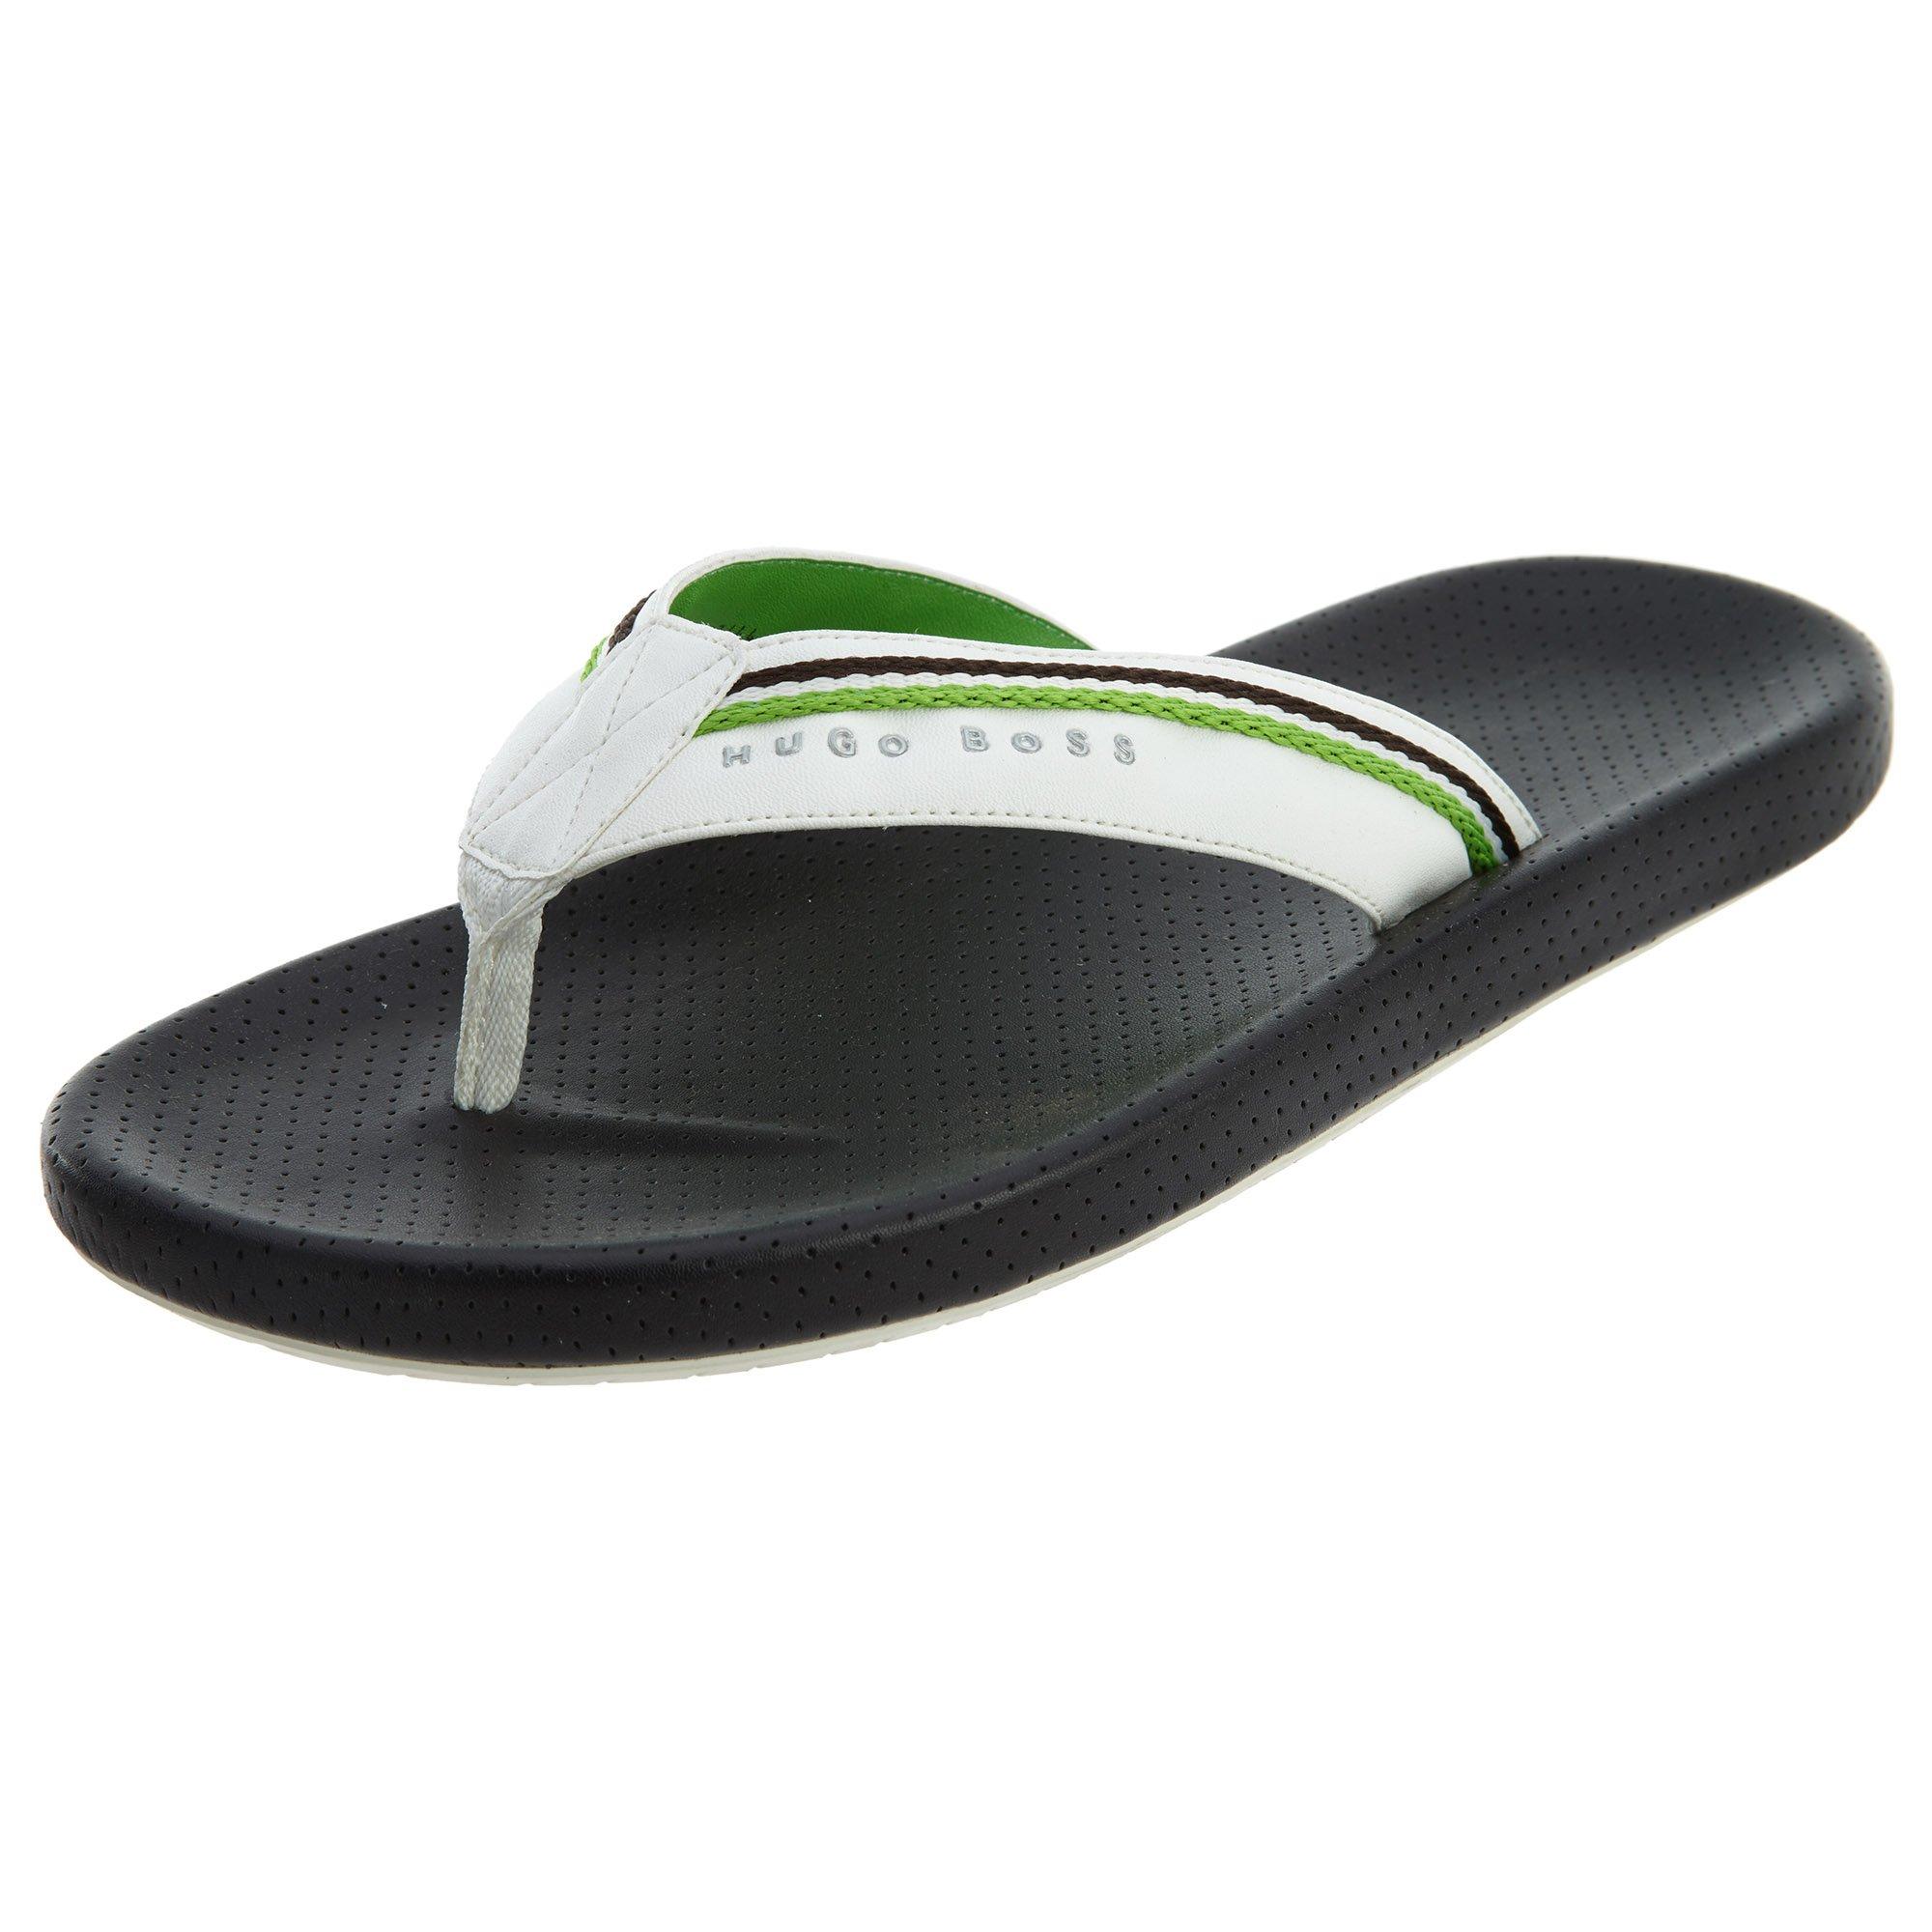 BOSS Green by Hugo Boss Men's Shoreline Fresh Thong Sandal Flip Flop, Black, EU 41-42/8-9 M US by Hugo Boss